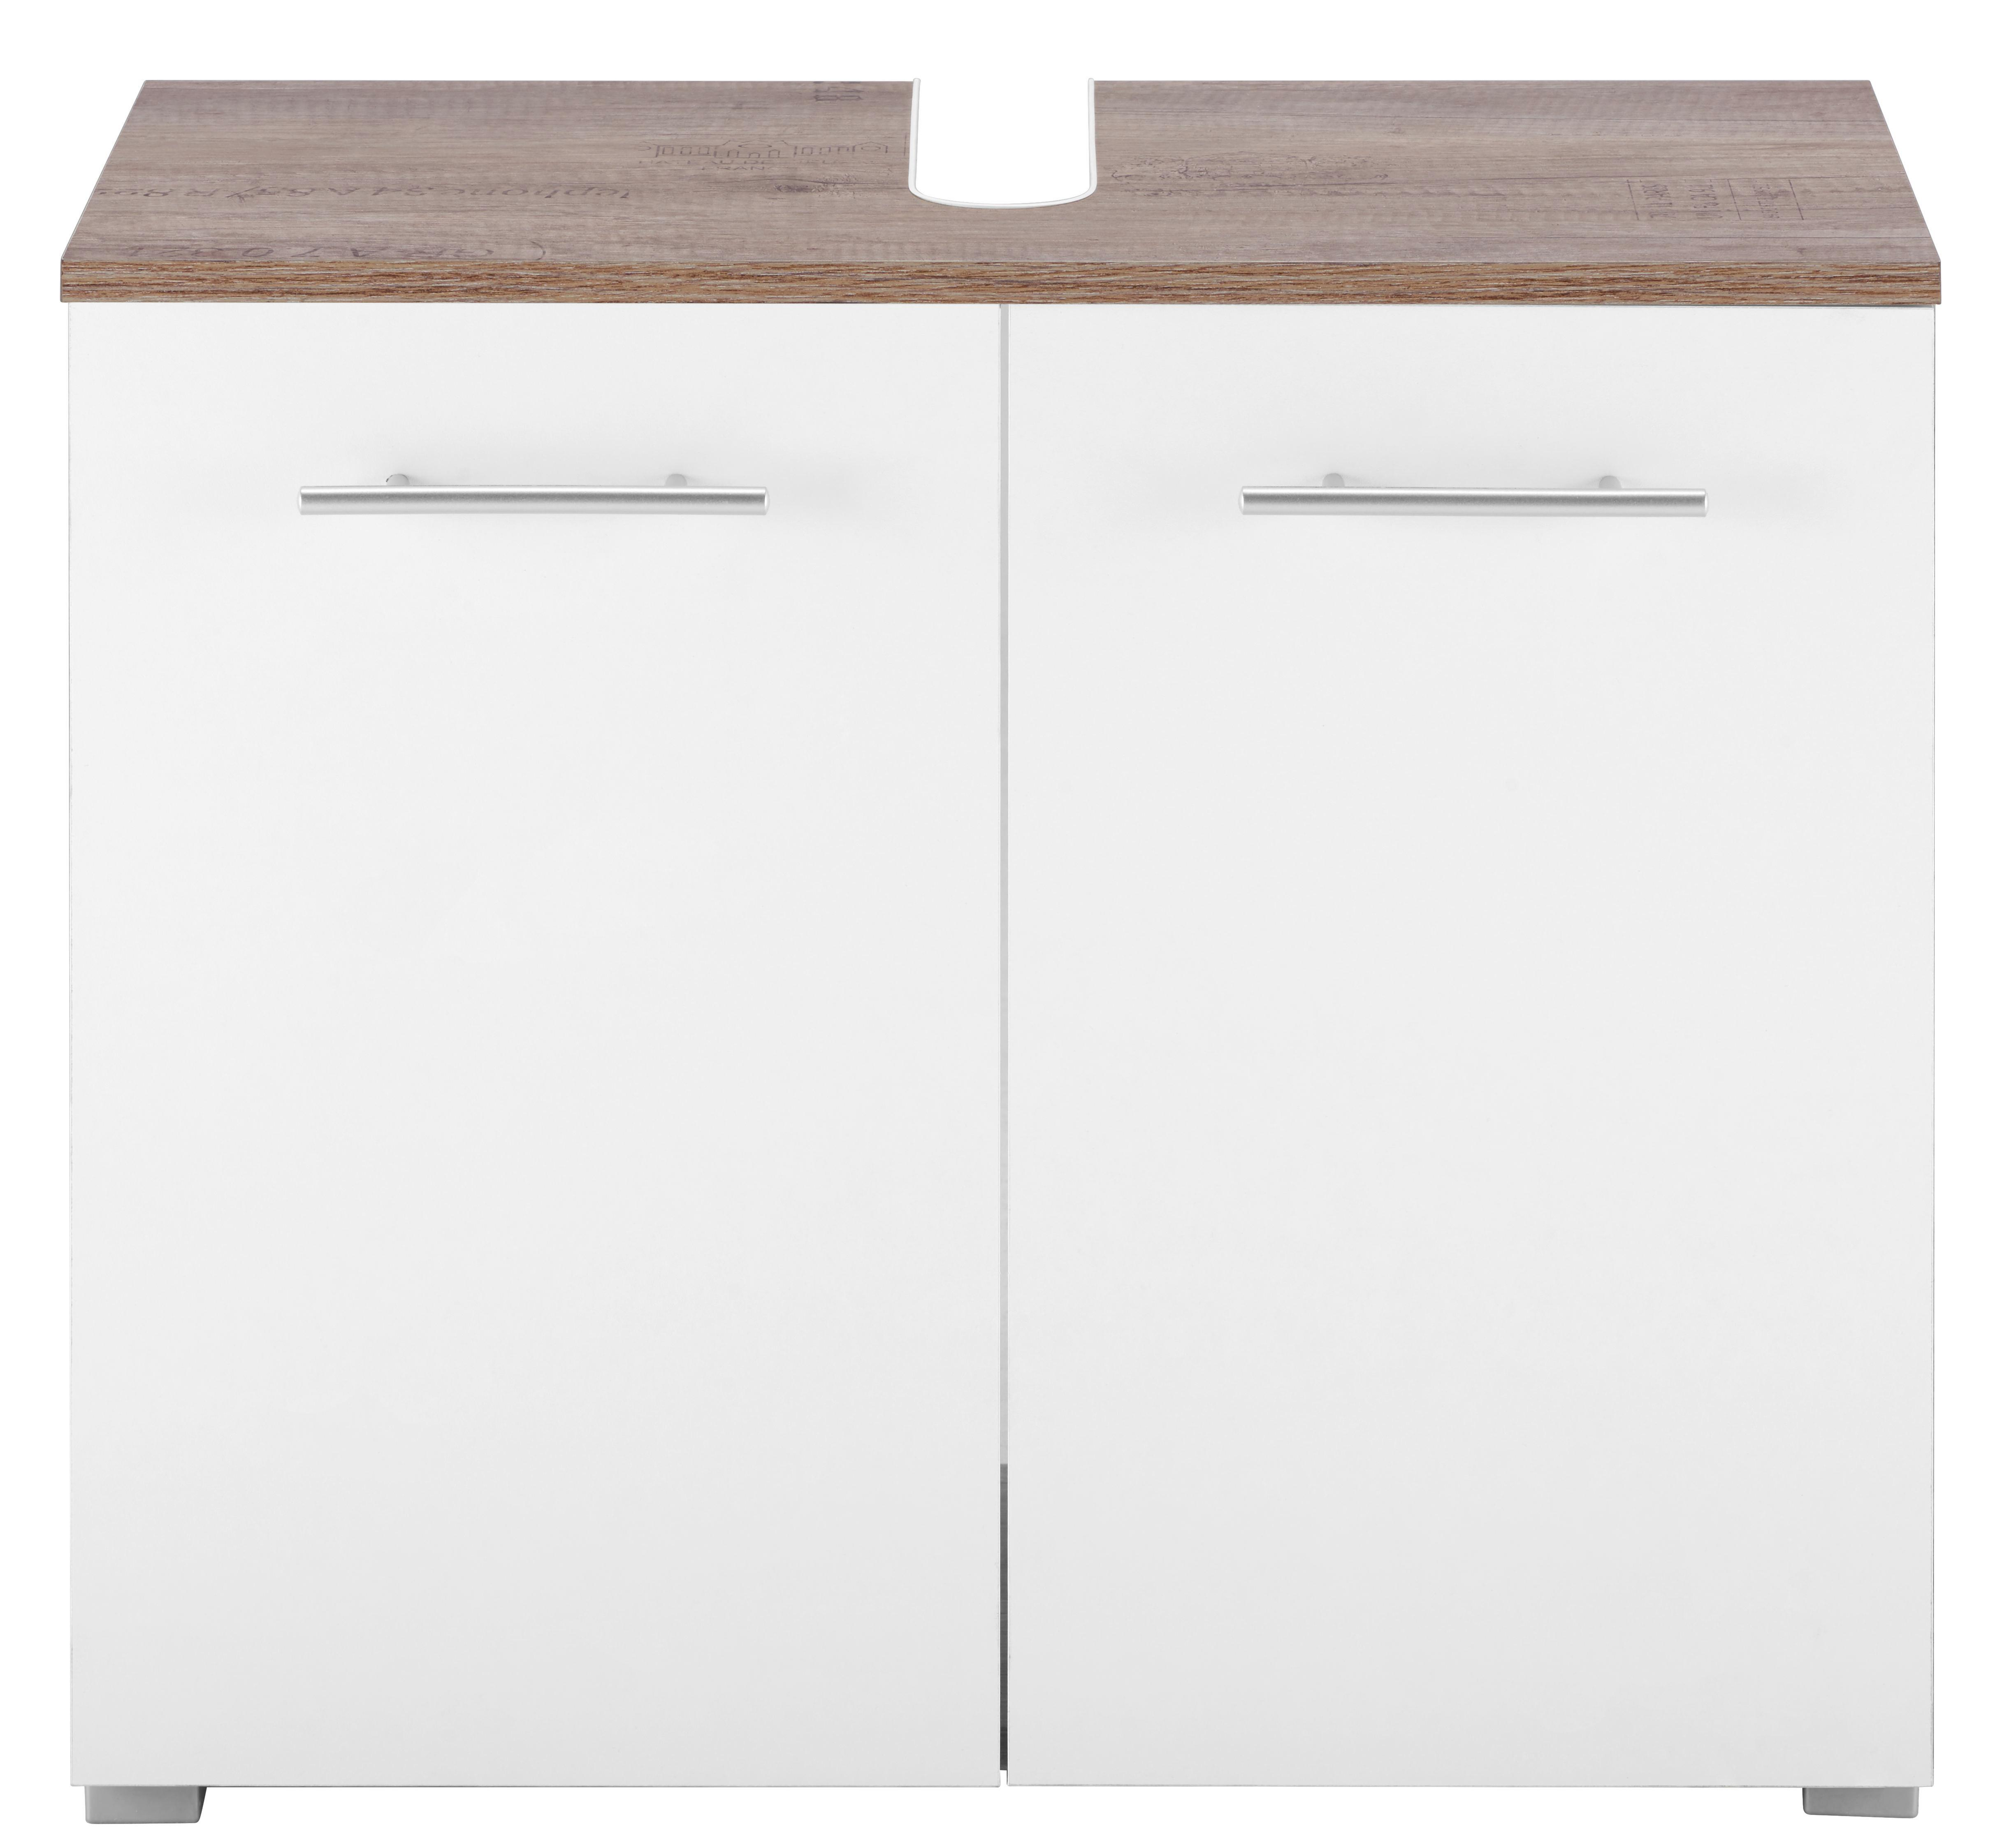 waschbeckenunterschrank weis gunstig, waschbeckenunterschrank weiß/eiche online kaufen ➤ mömax, Innenarchitektur